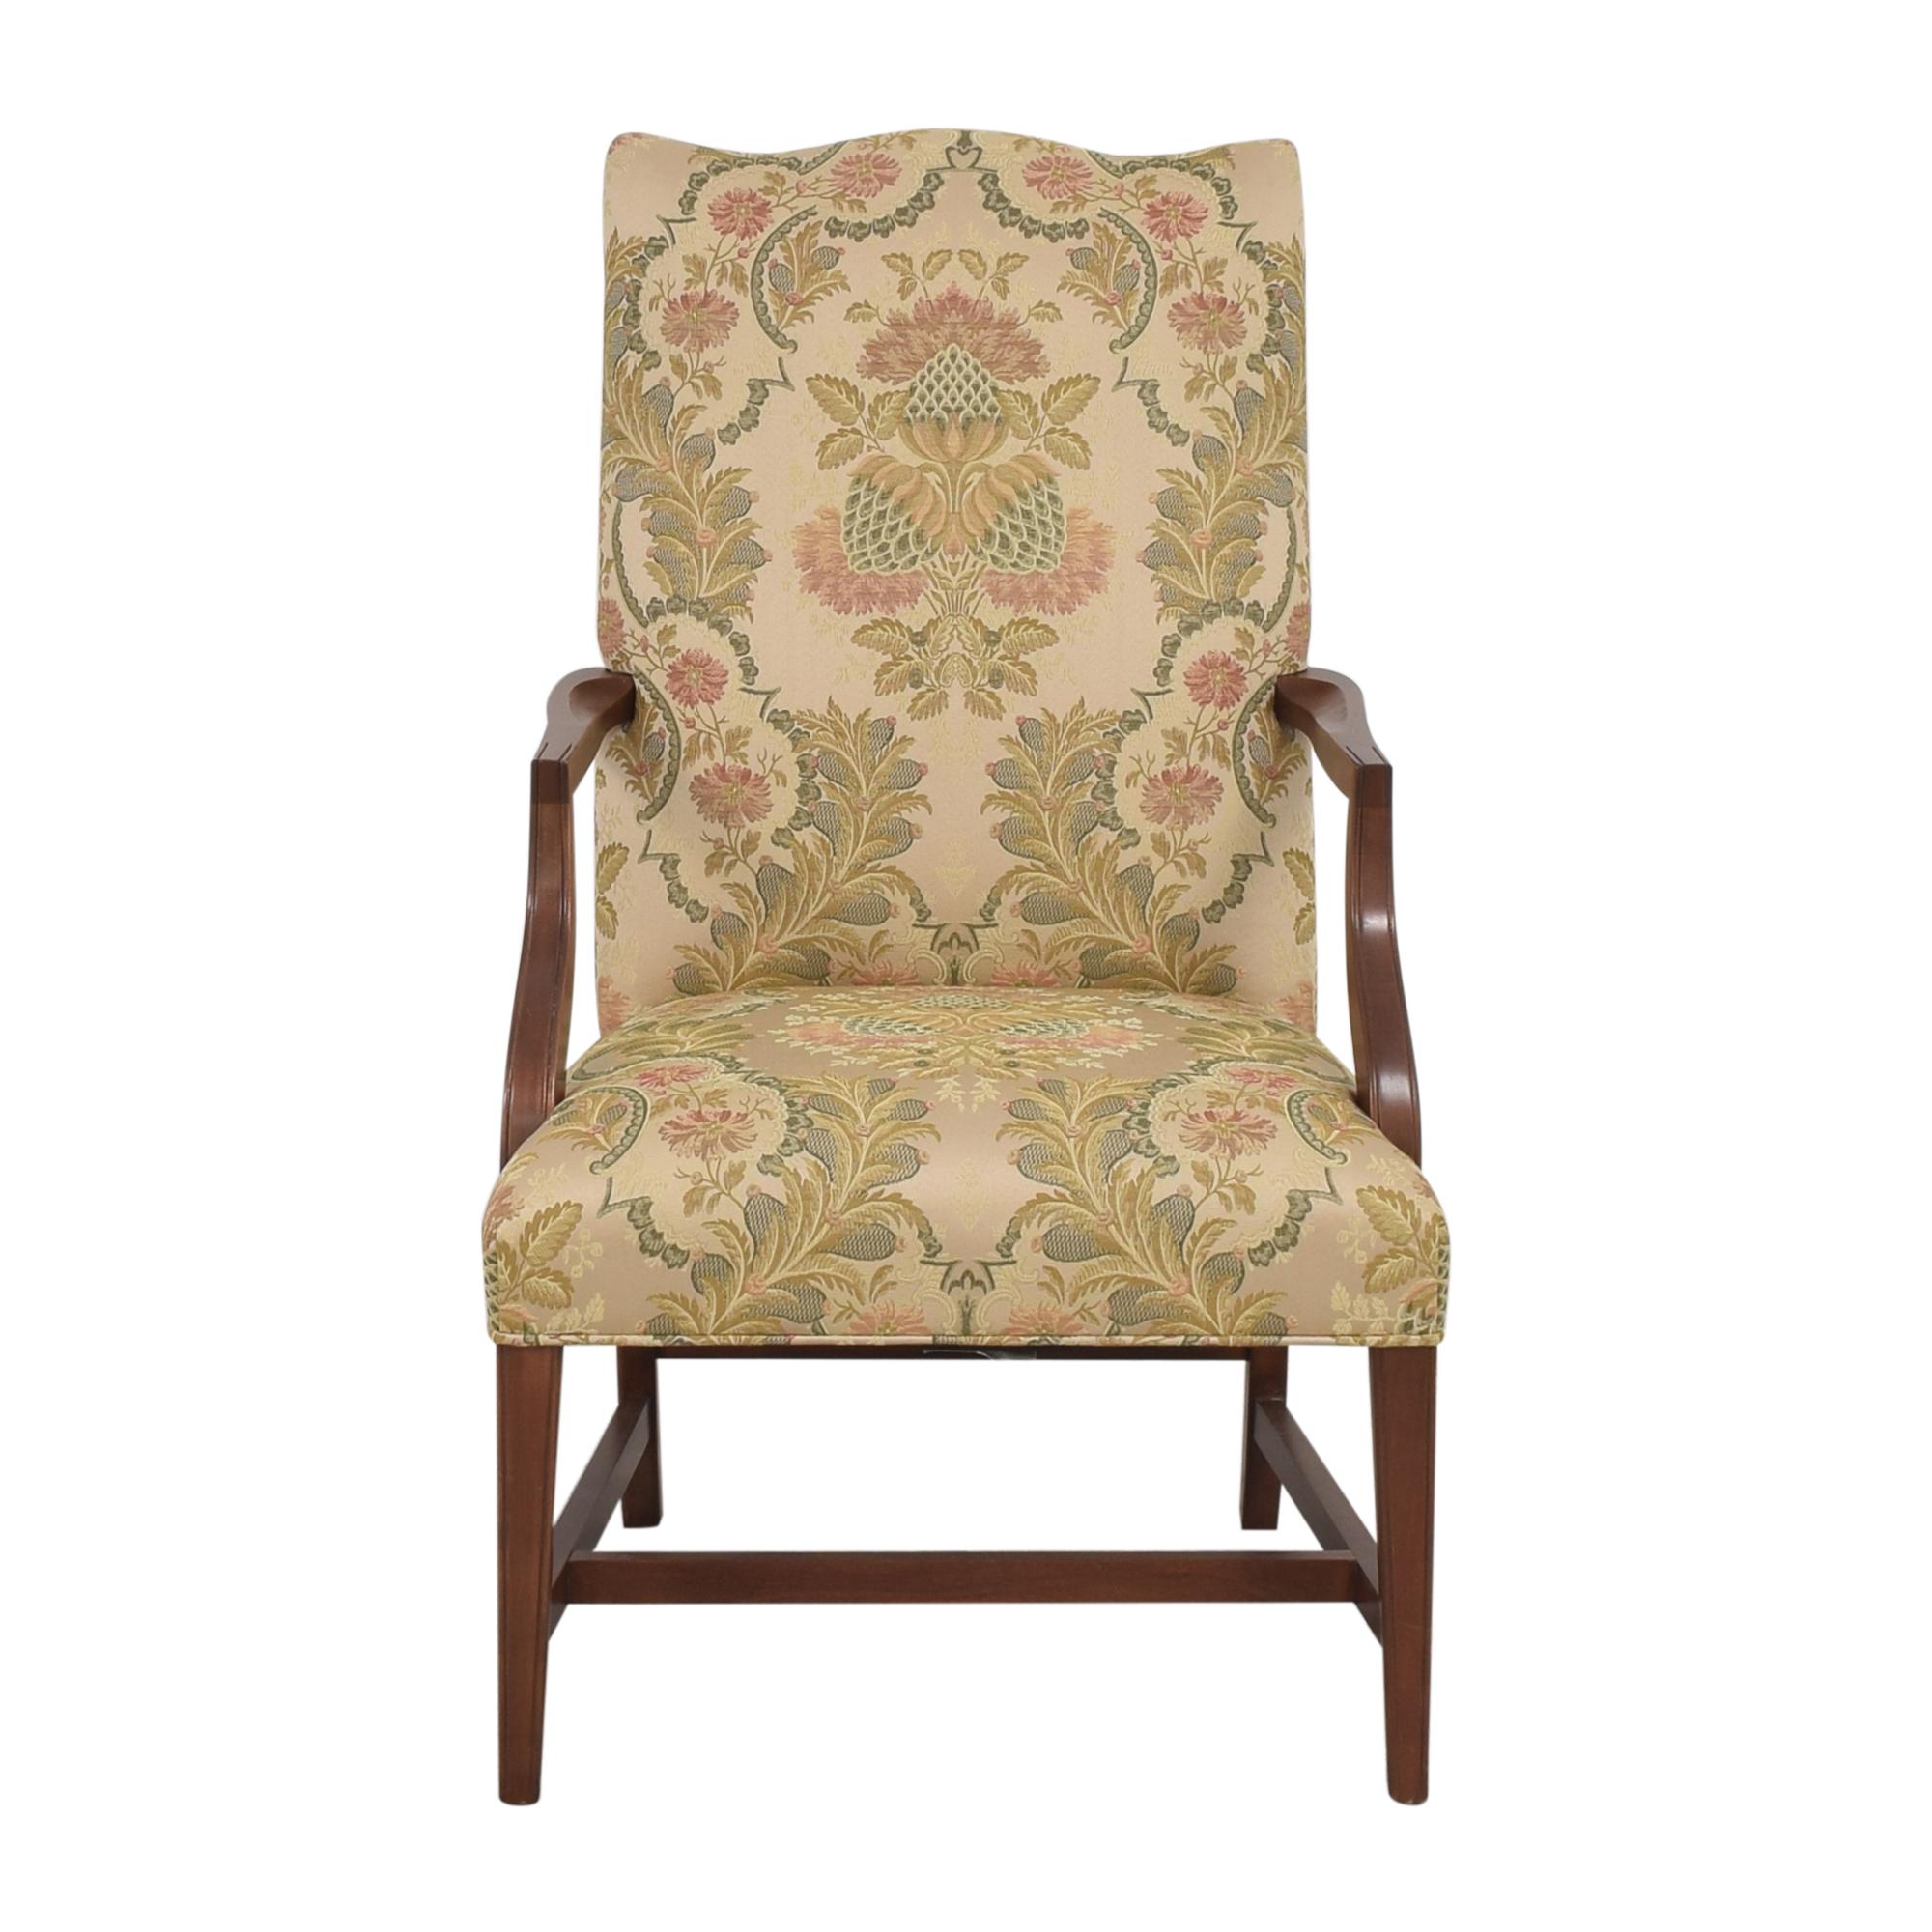 Ethan Allen Ethan Allen Martha Washington Arm Chair Dining Chairs